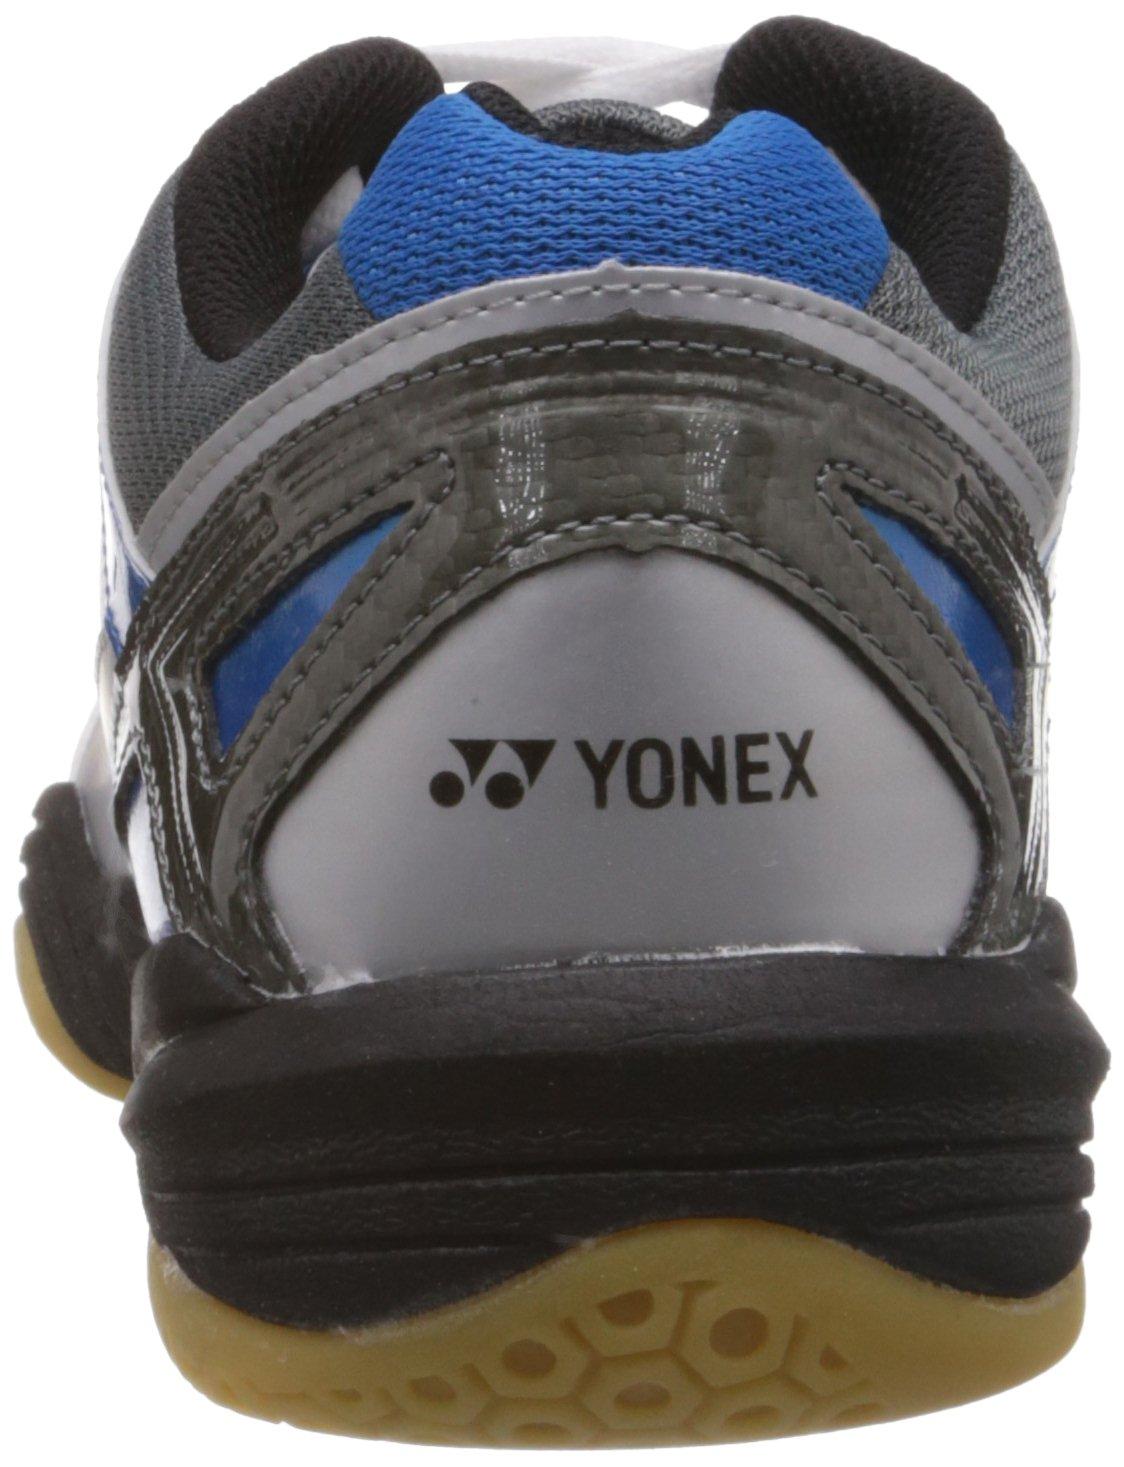 Yonex SHB Mens Badminton Shoes White Size 6